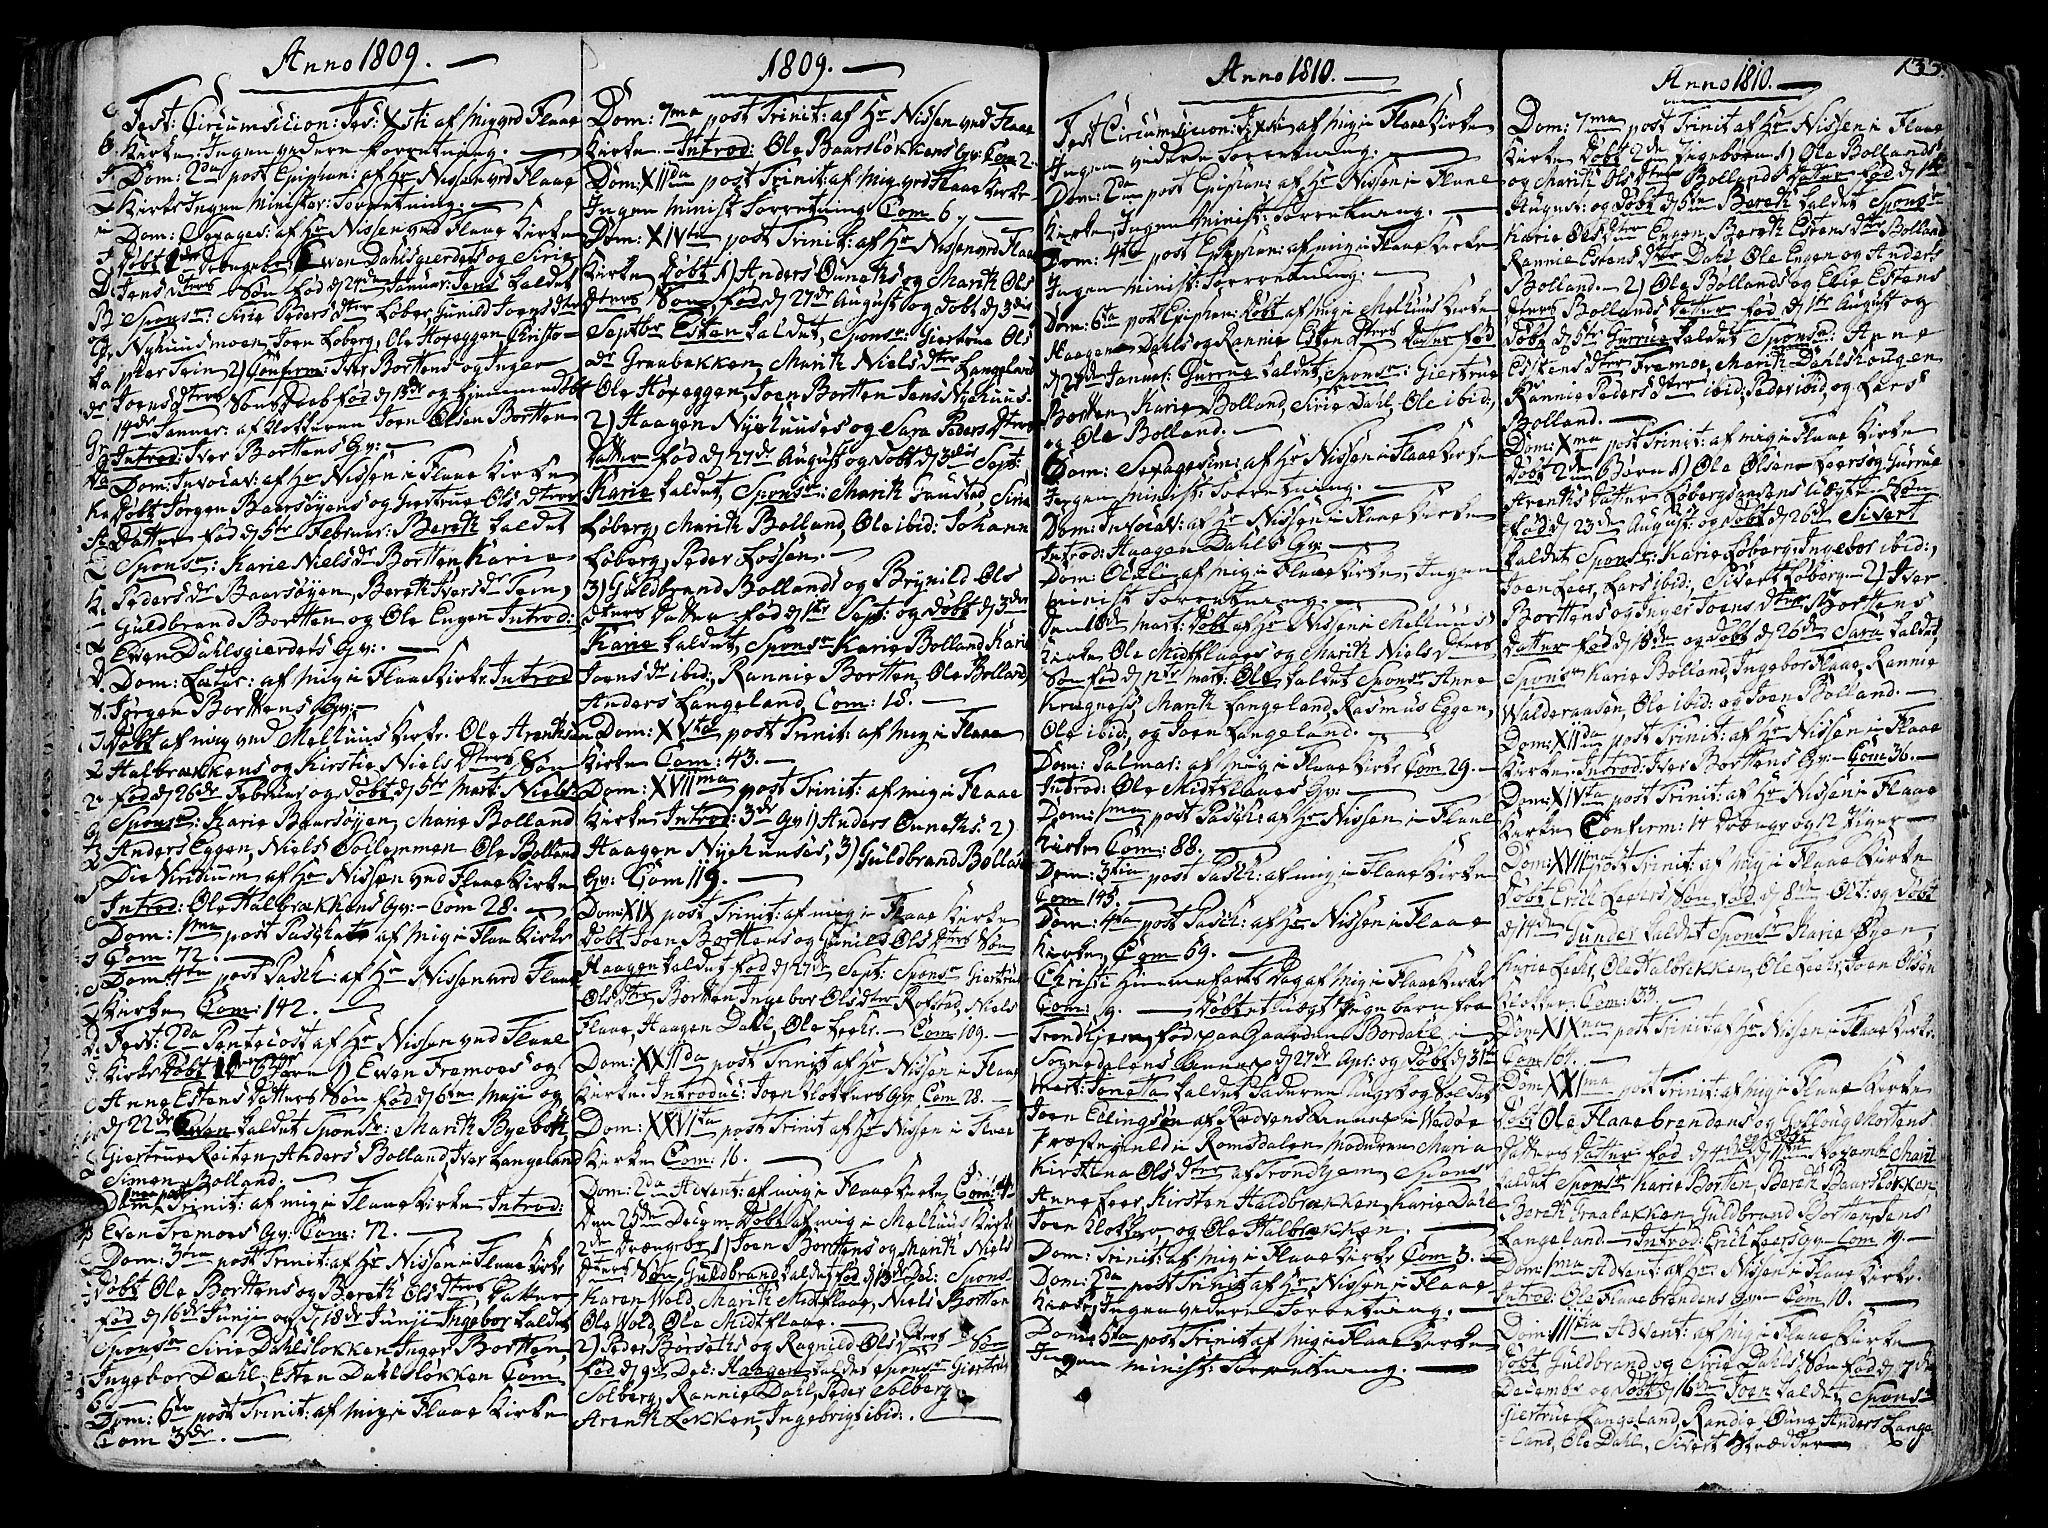 SAT, Ministerialprotokoller, klokkerbøker og fødselsregistre - Sør-Trøndelag, 691/L1062: Ministerialbok nr. 691A02 /2, 1768-1815, s. 133